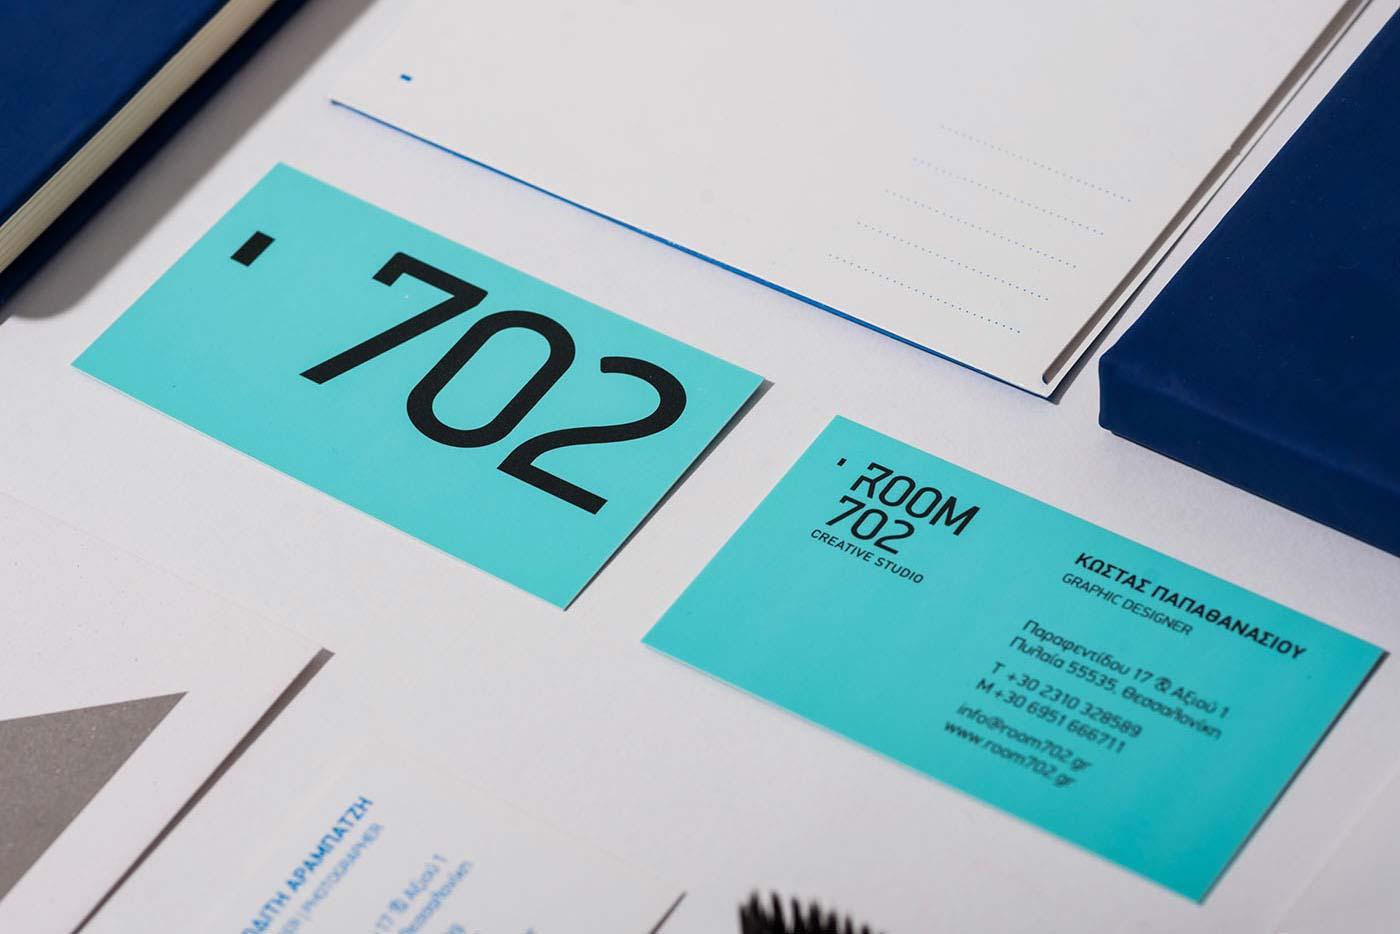 room 702 graphic design